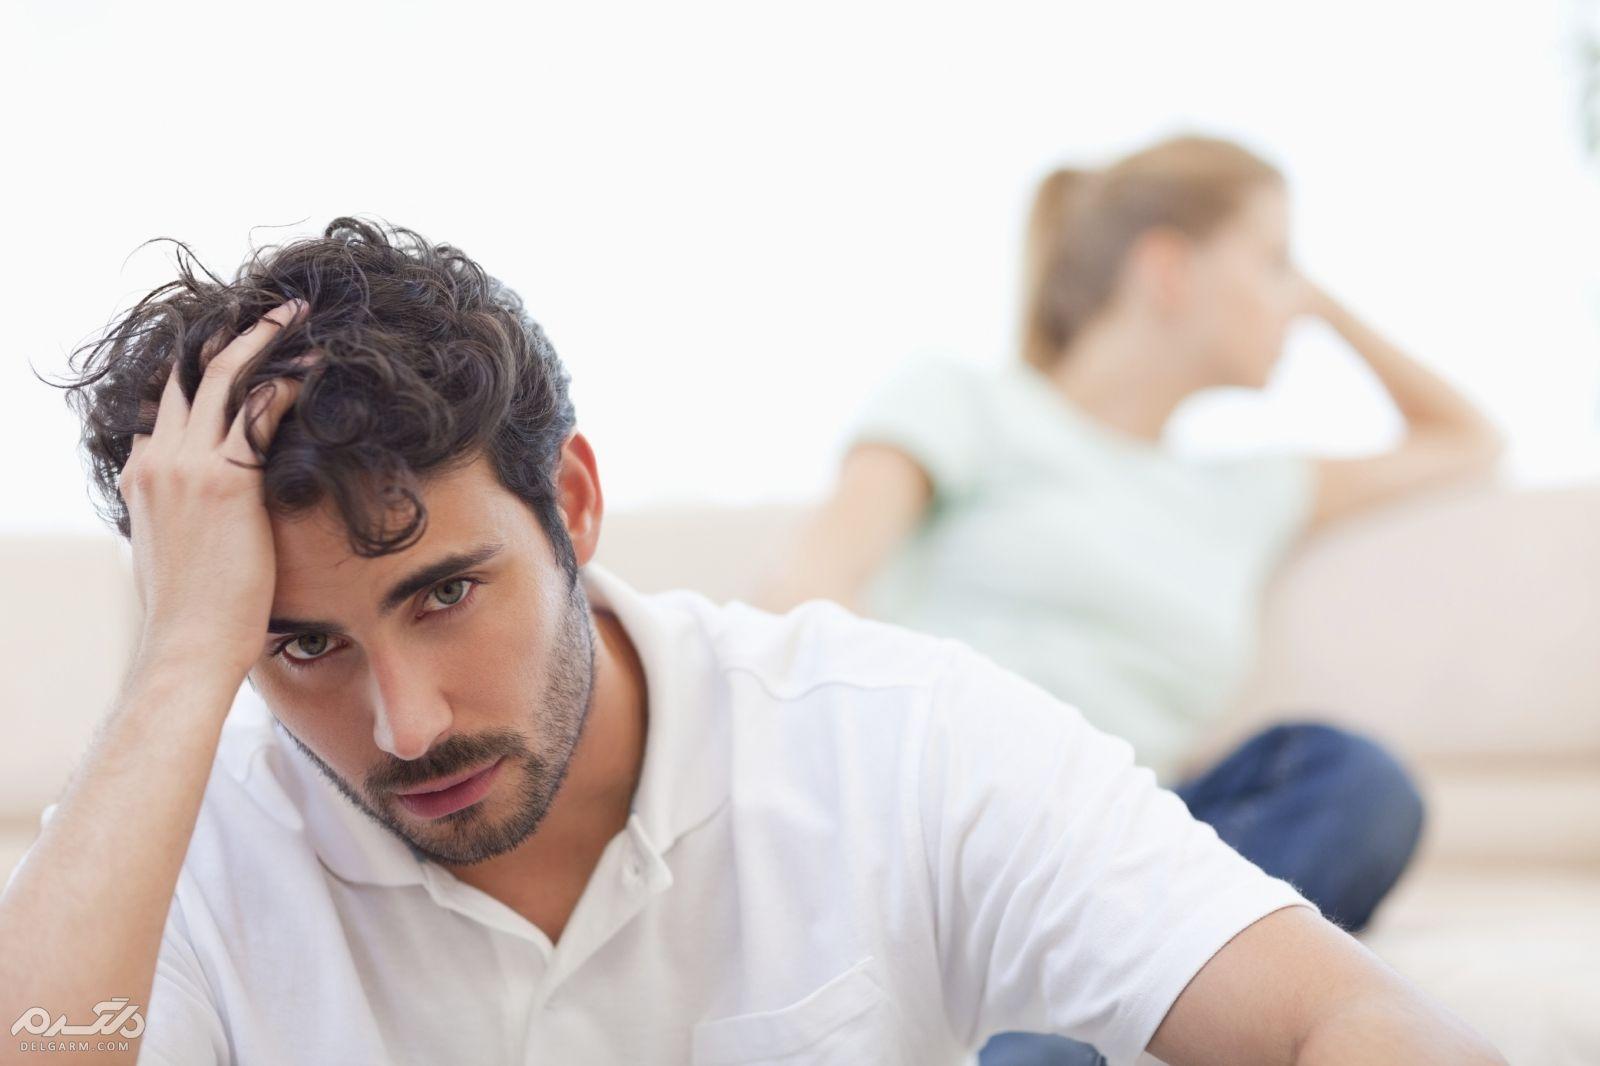 چه عواملی باعث عقیم شدن مردان می شود